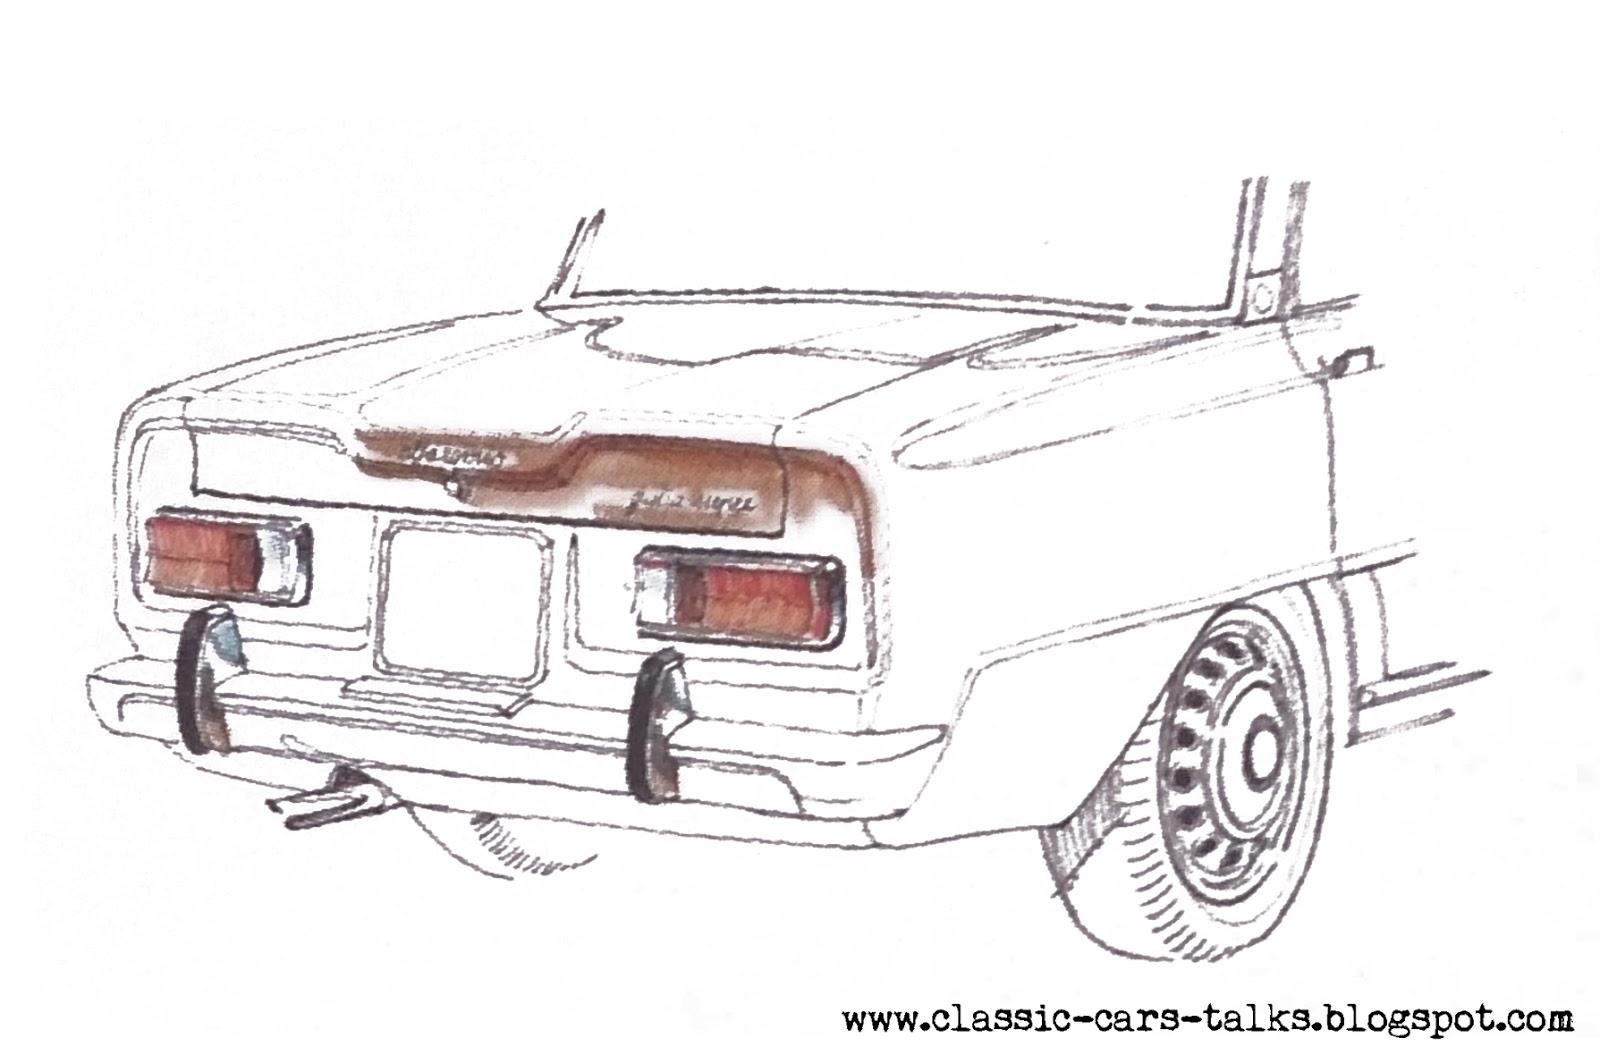 Classic Cars Talks